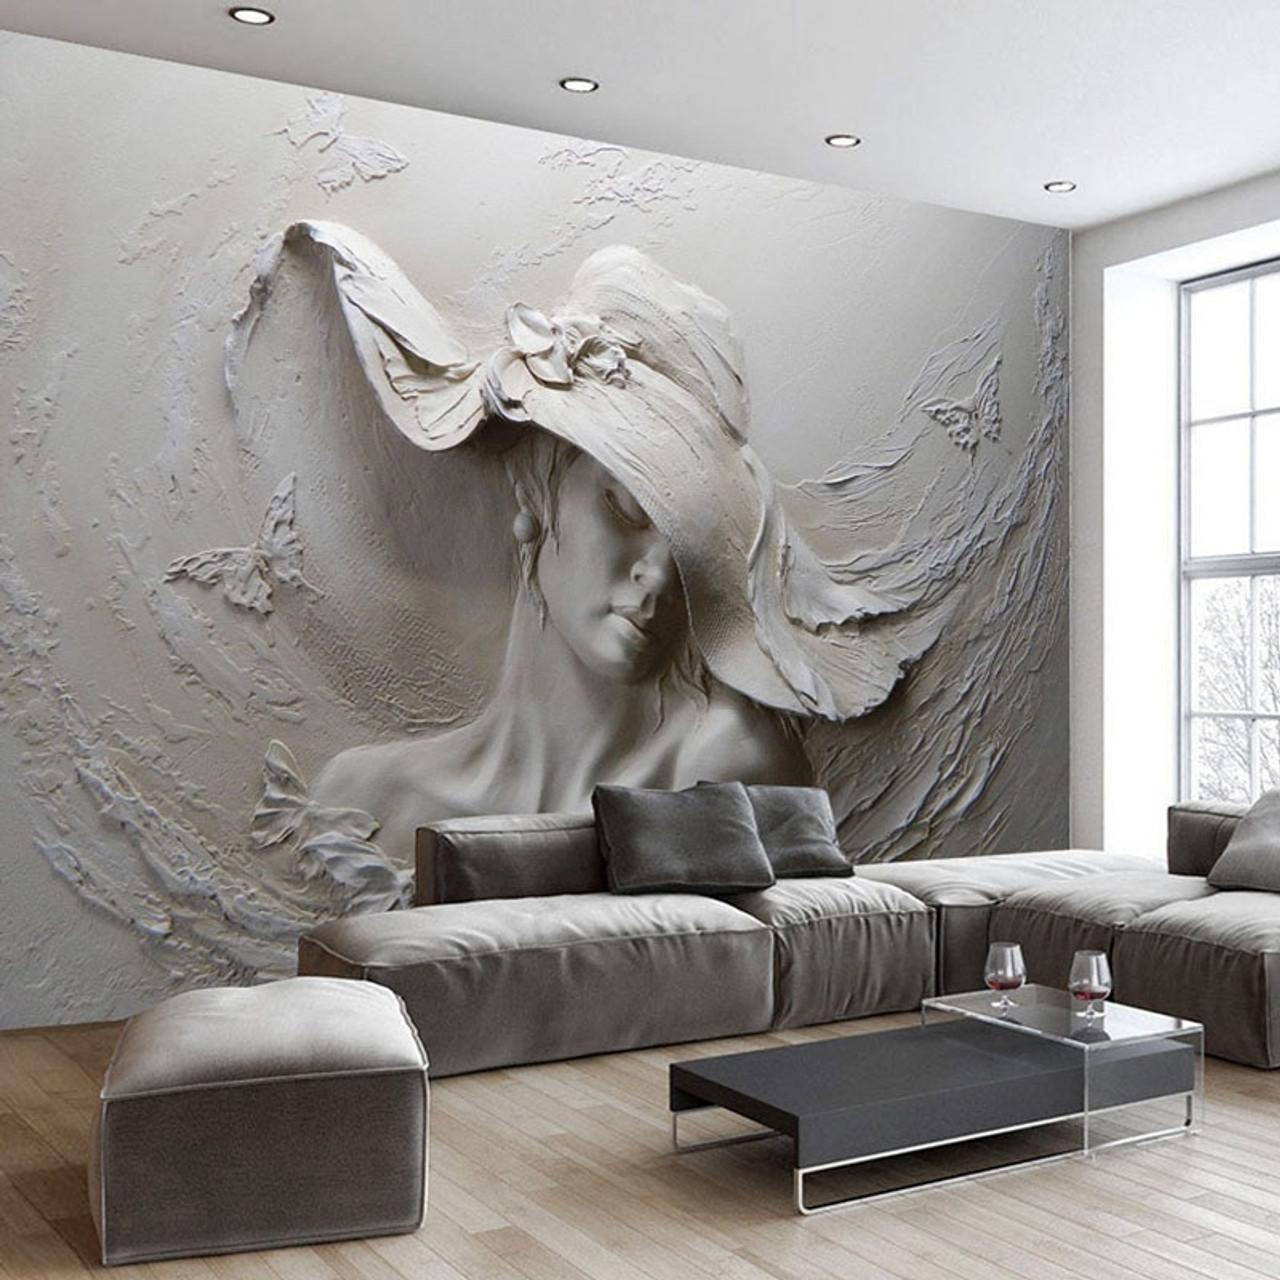 custom wallpaper for walls